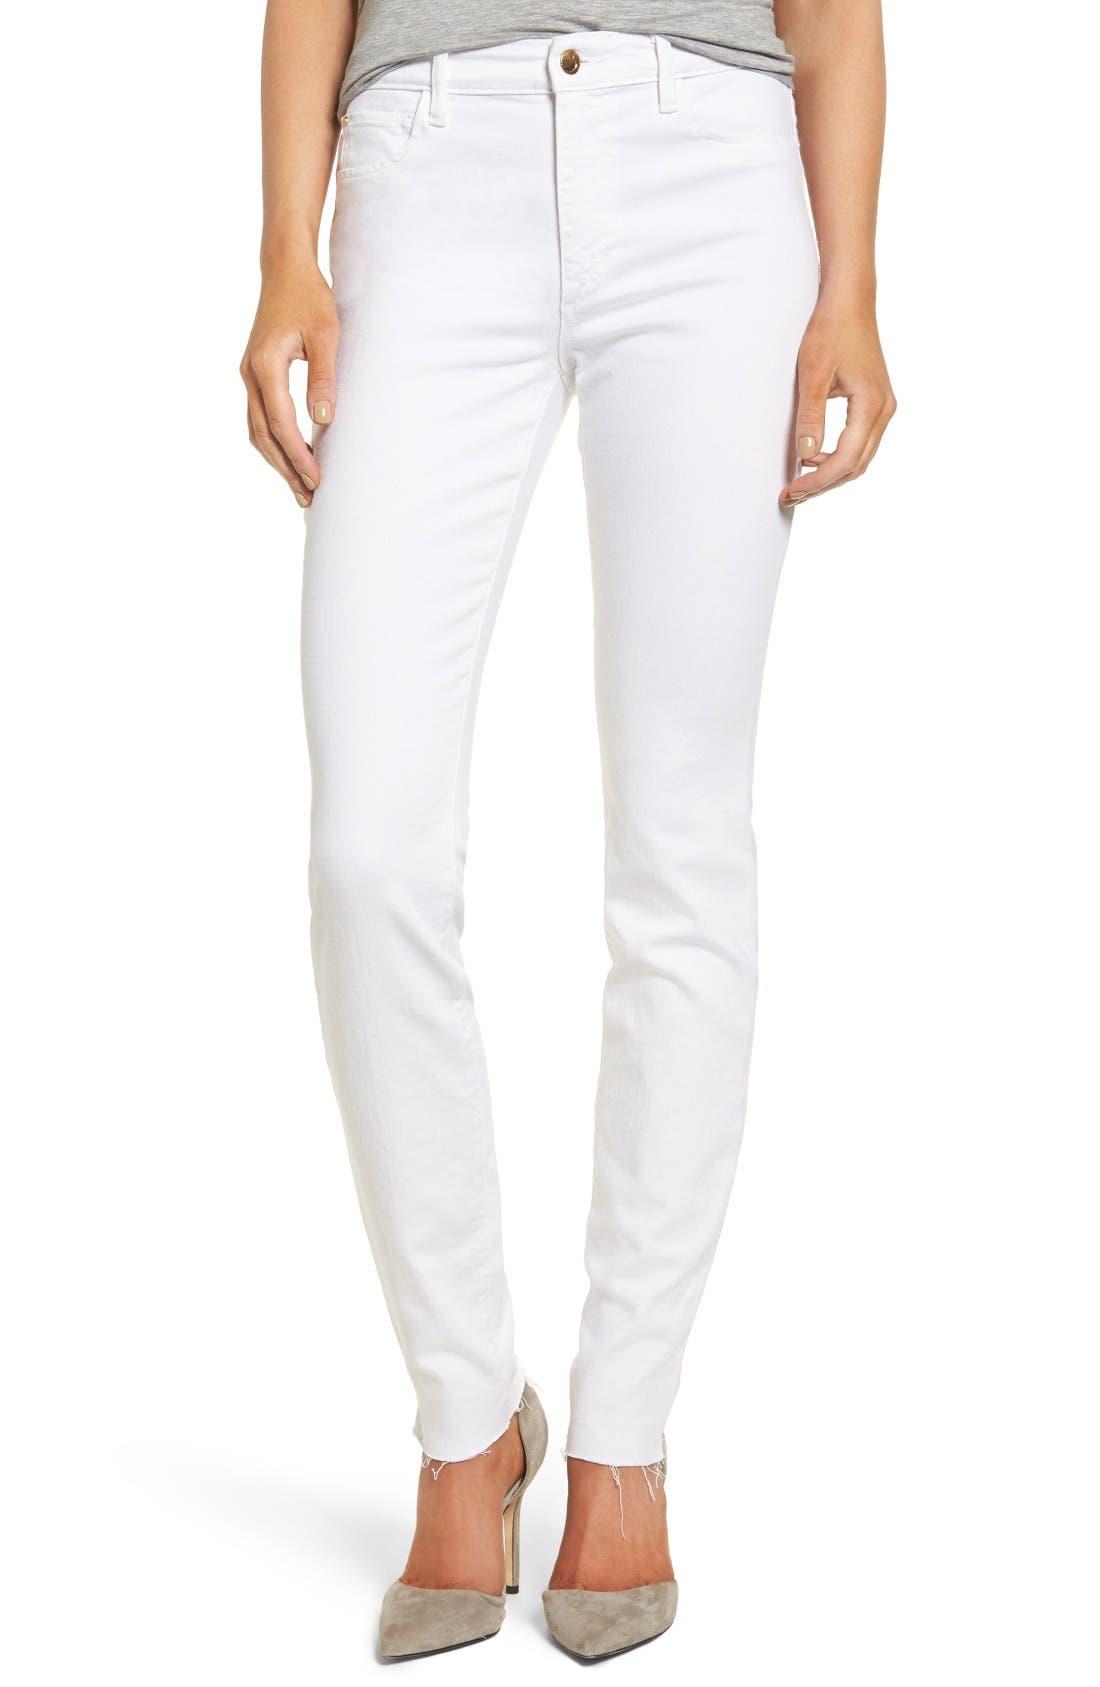 JOES Charlie Raw Hem High Rise Skinny Jeans